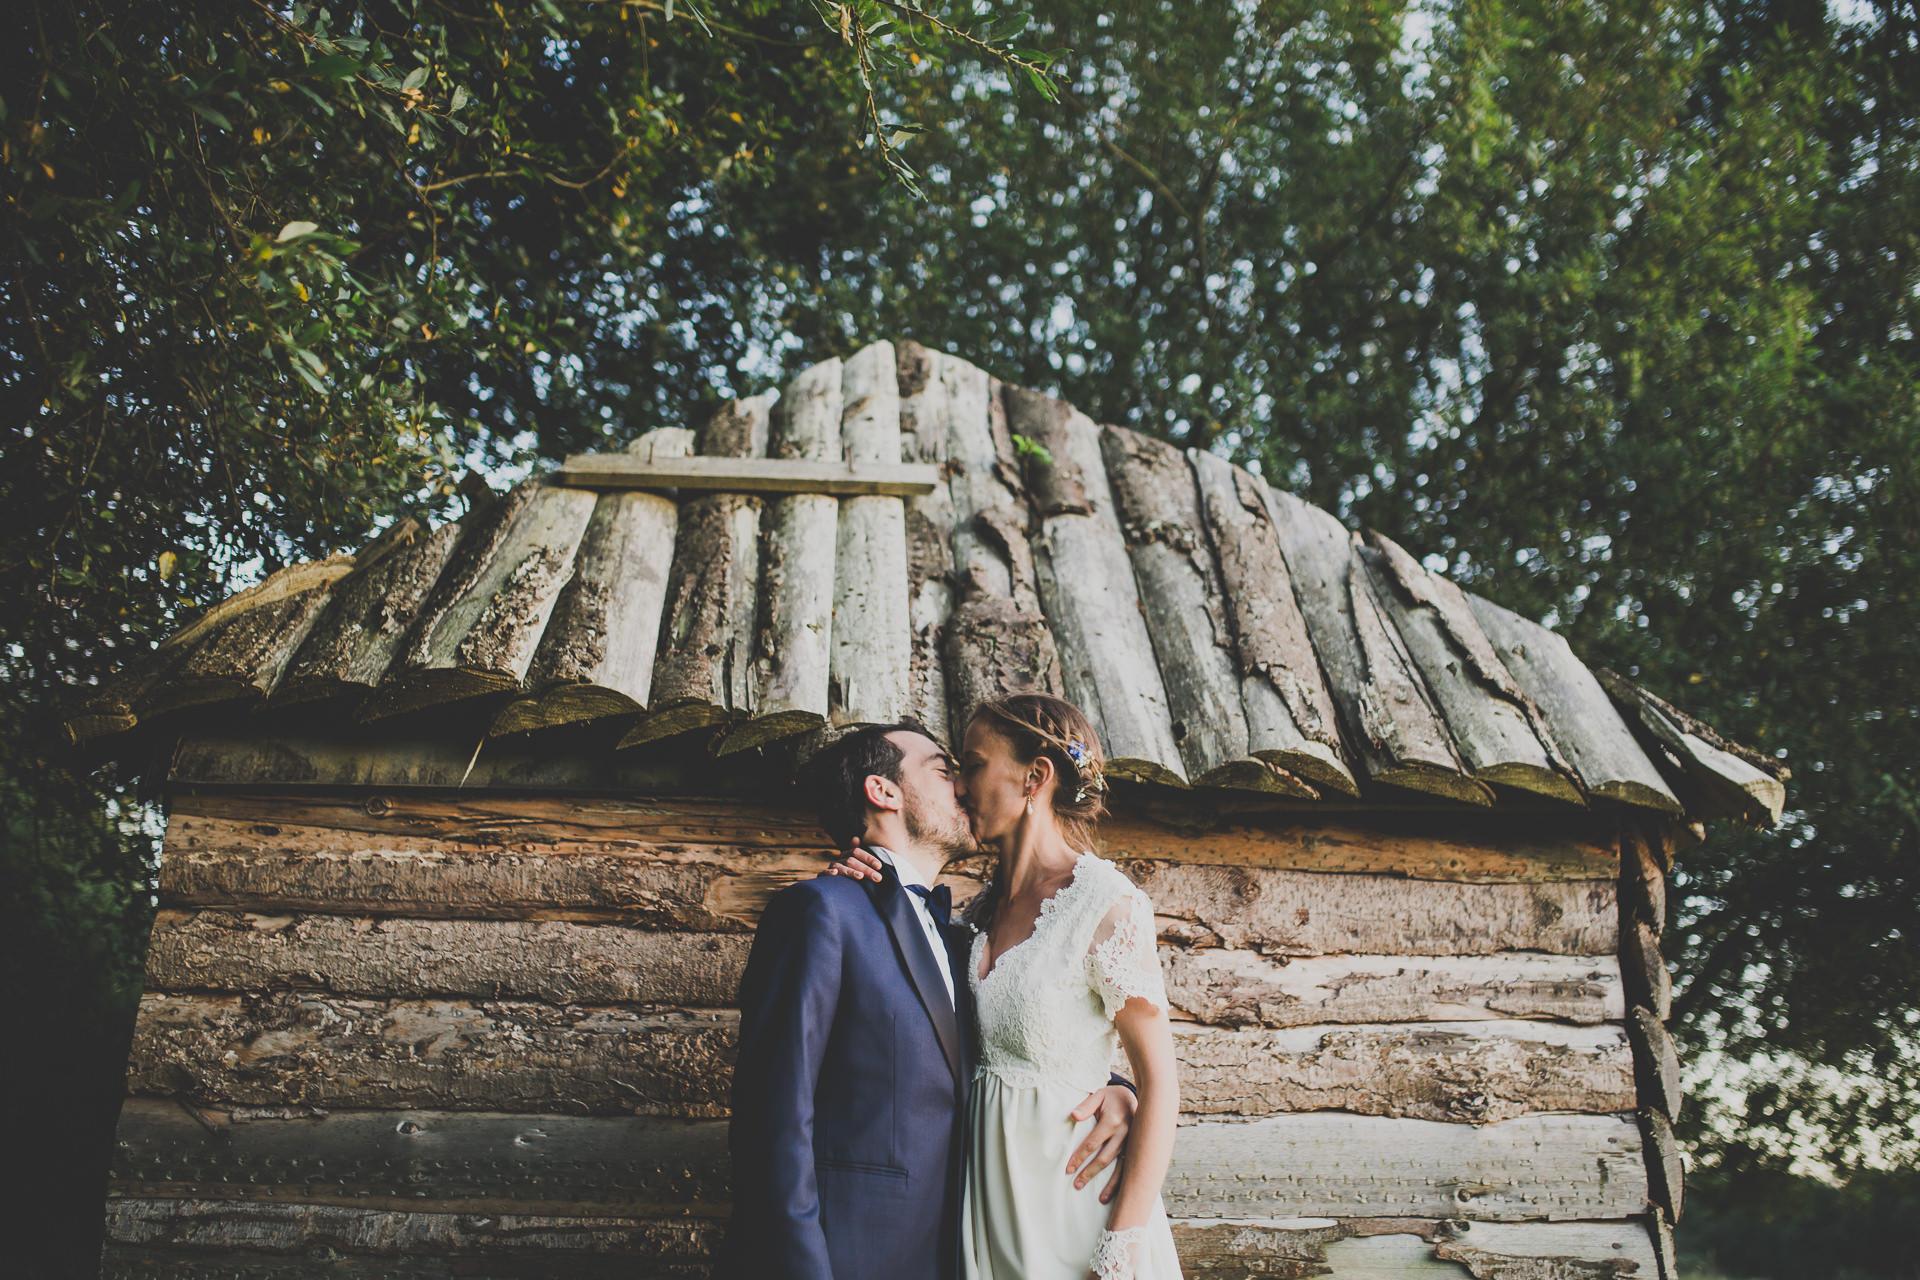 steven bassilieaux wedding photographer photographe mariage normandie bordeaux france pressoire de tourgeville fun  65.jpg